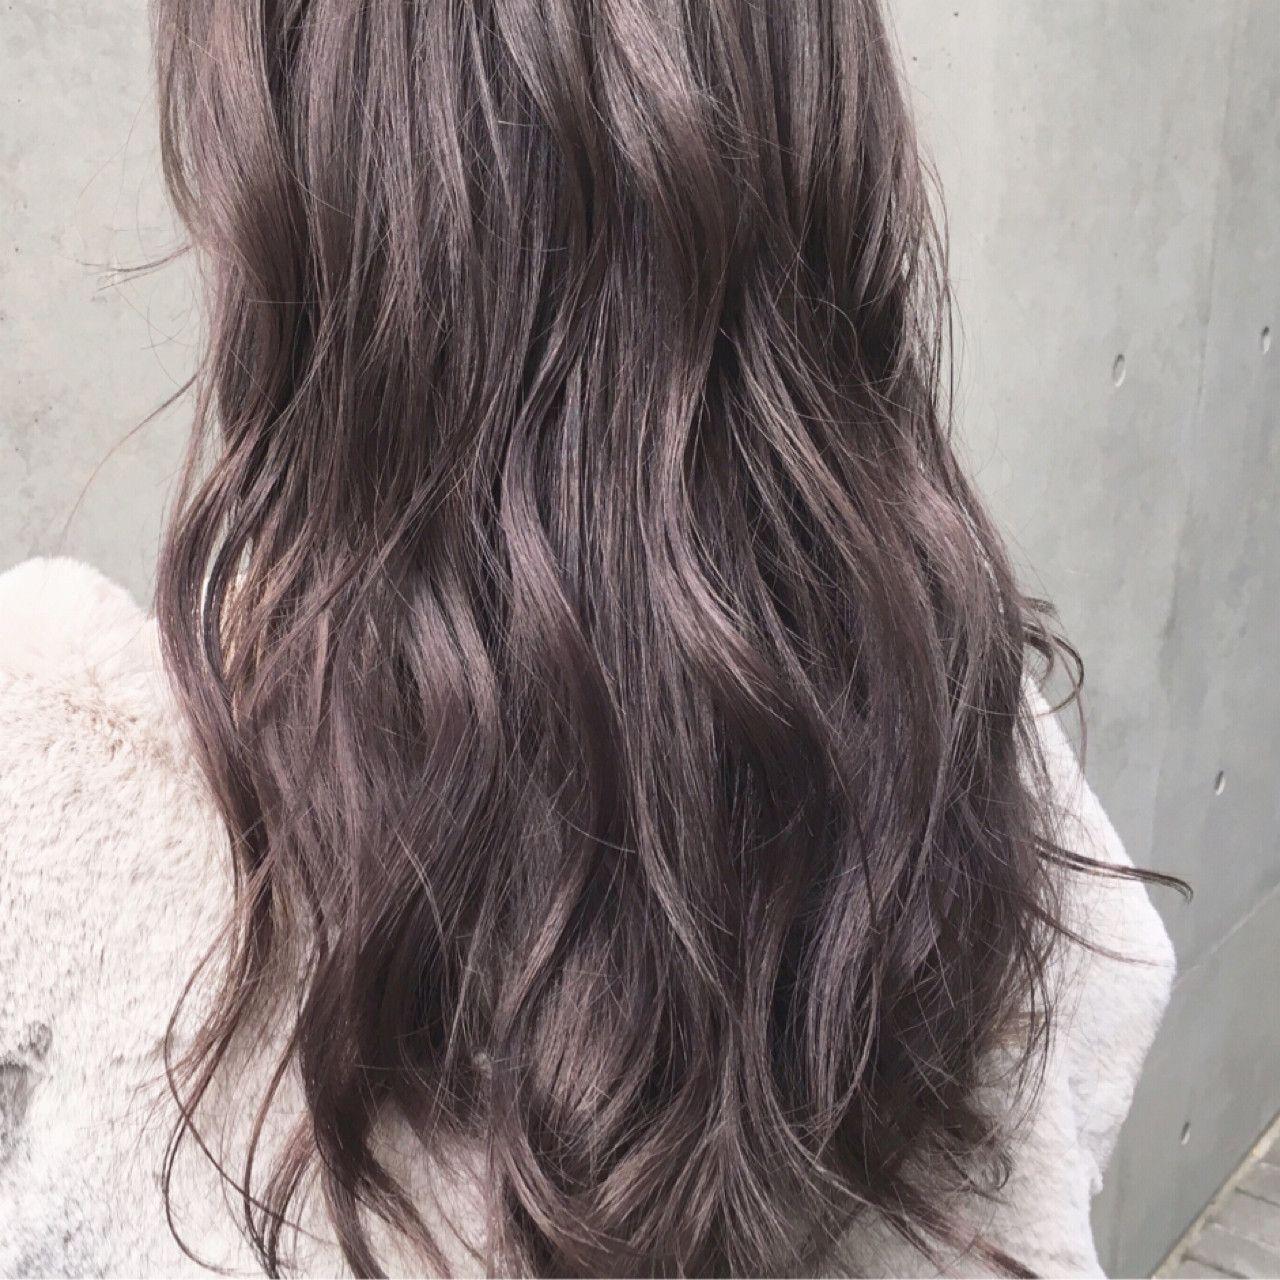 ラベンダーグレージュ ラベンダー ヘアカラー 髪 カラー 髪 カラー